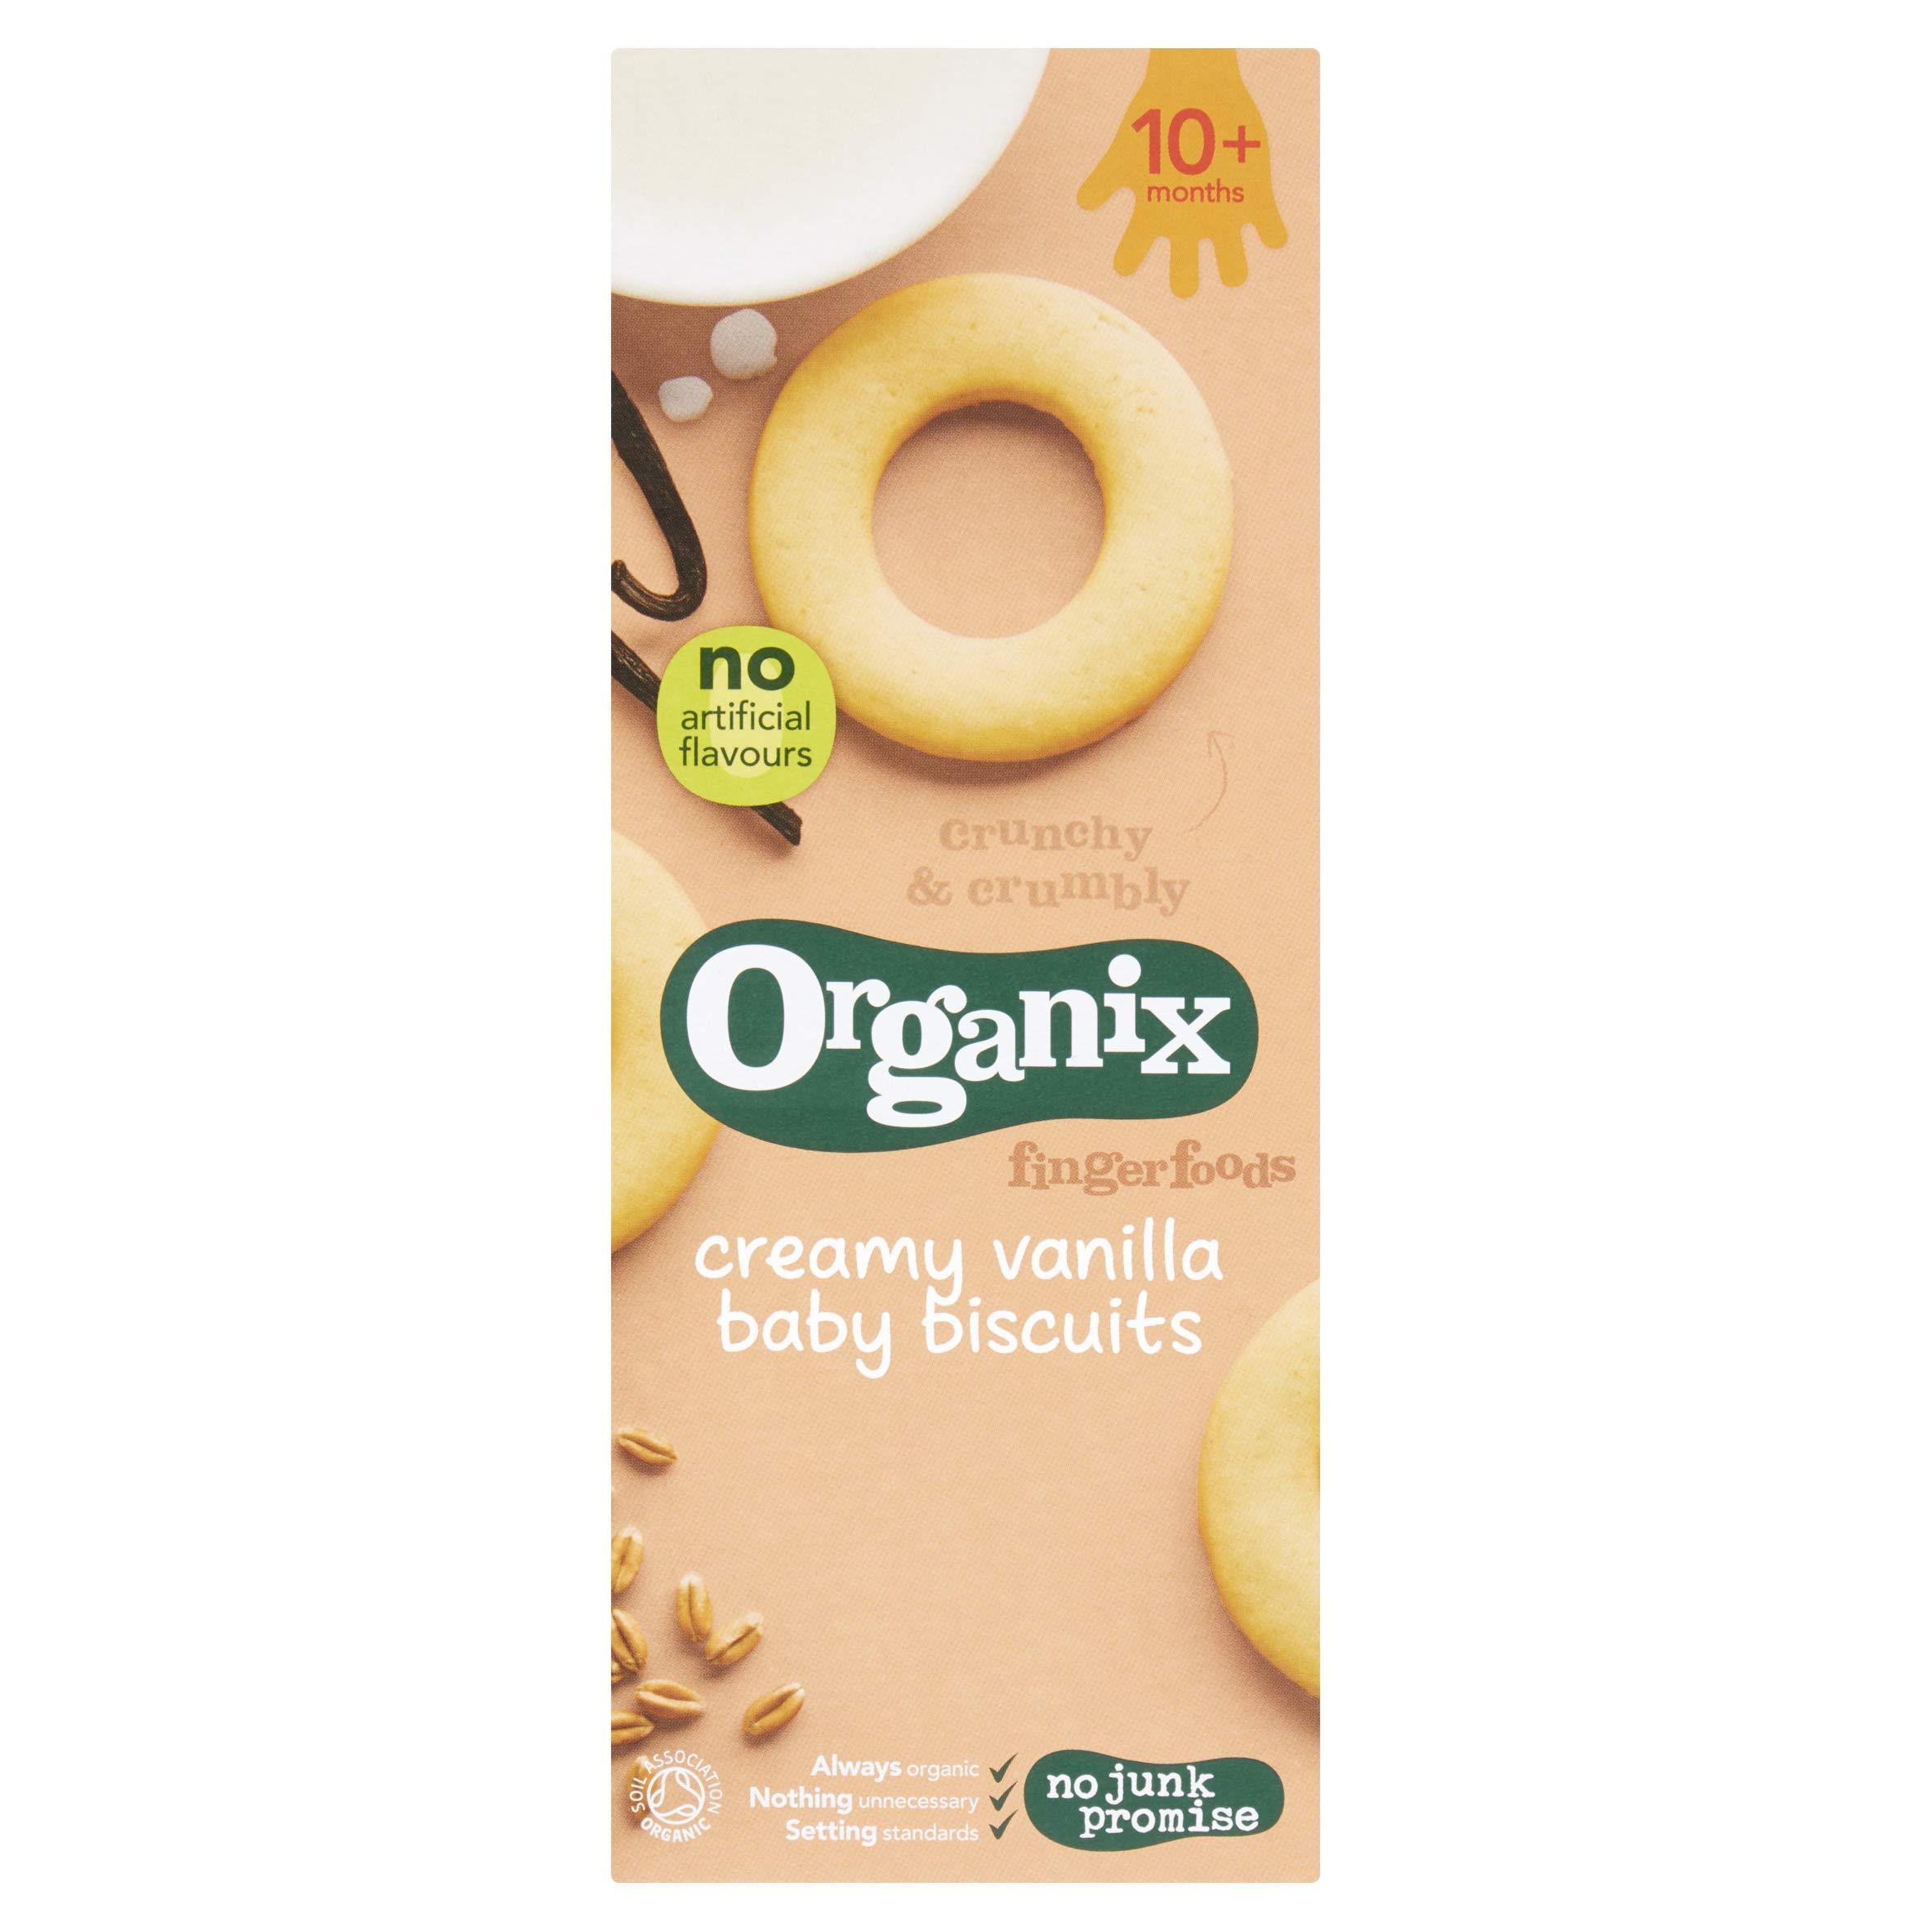 Organix Creamy Vanilla Baby Biscuits, 54g